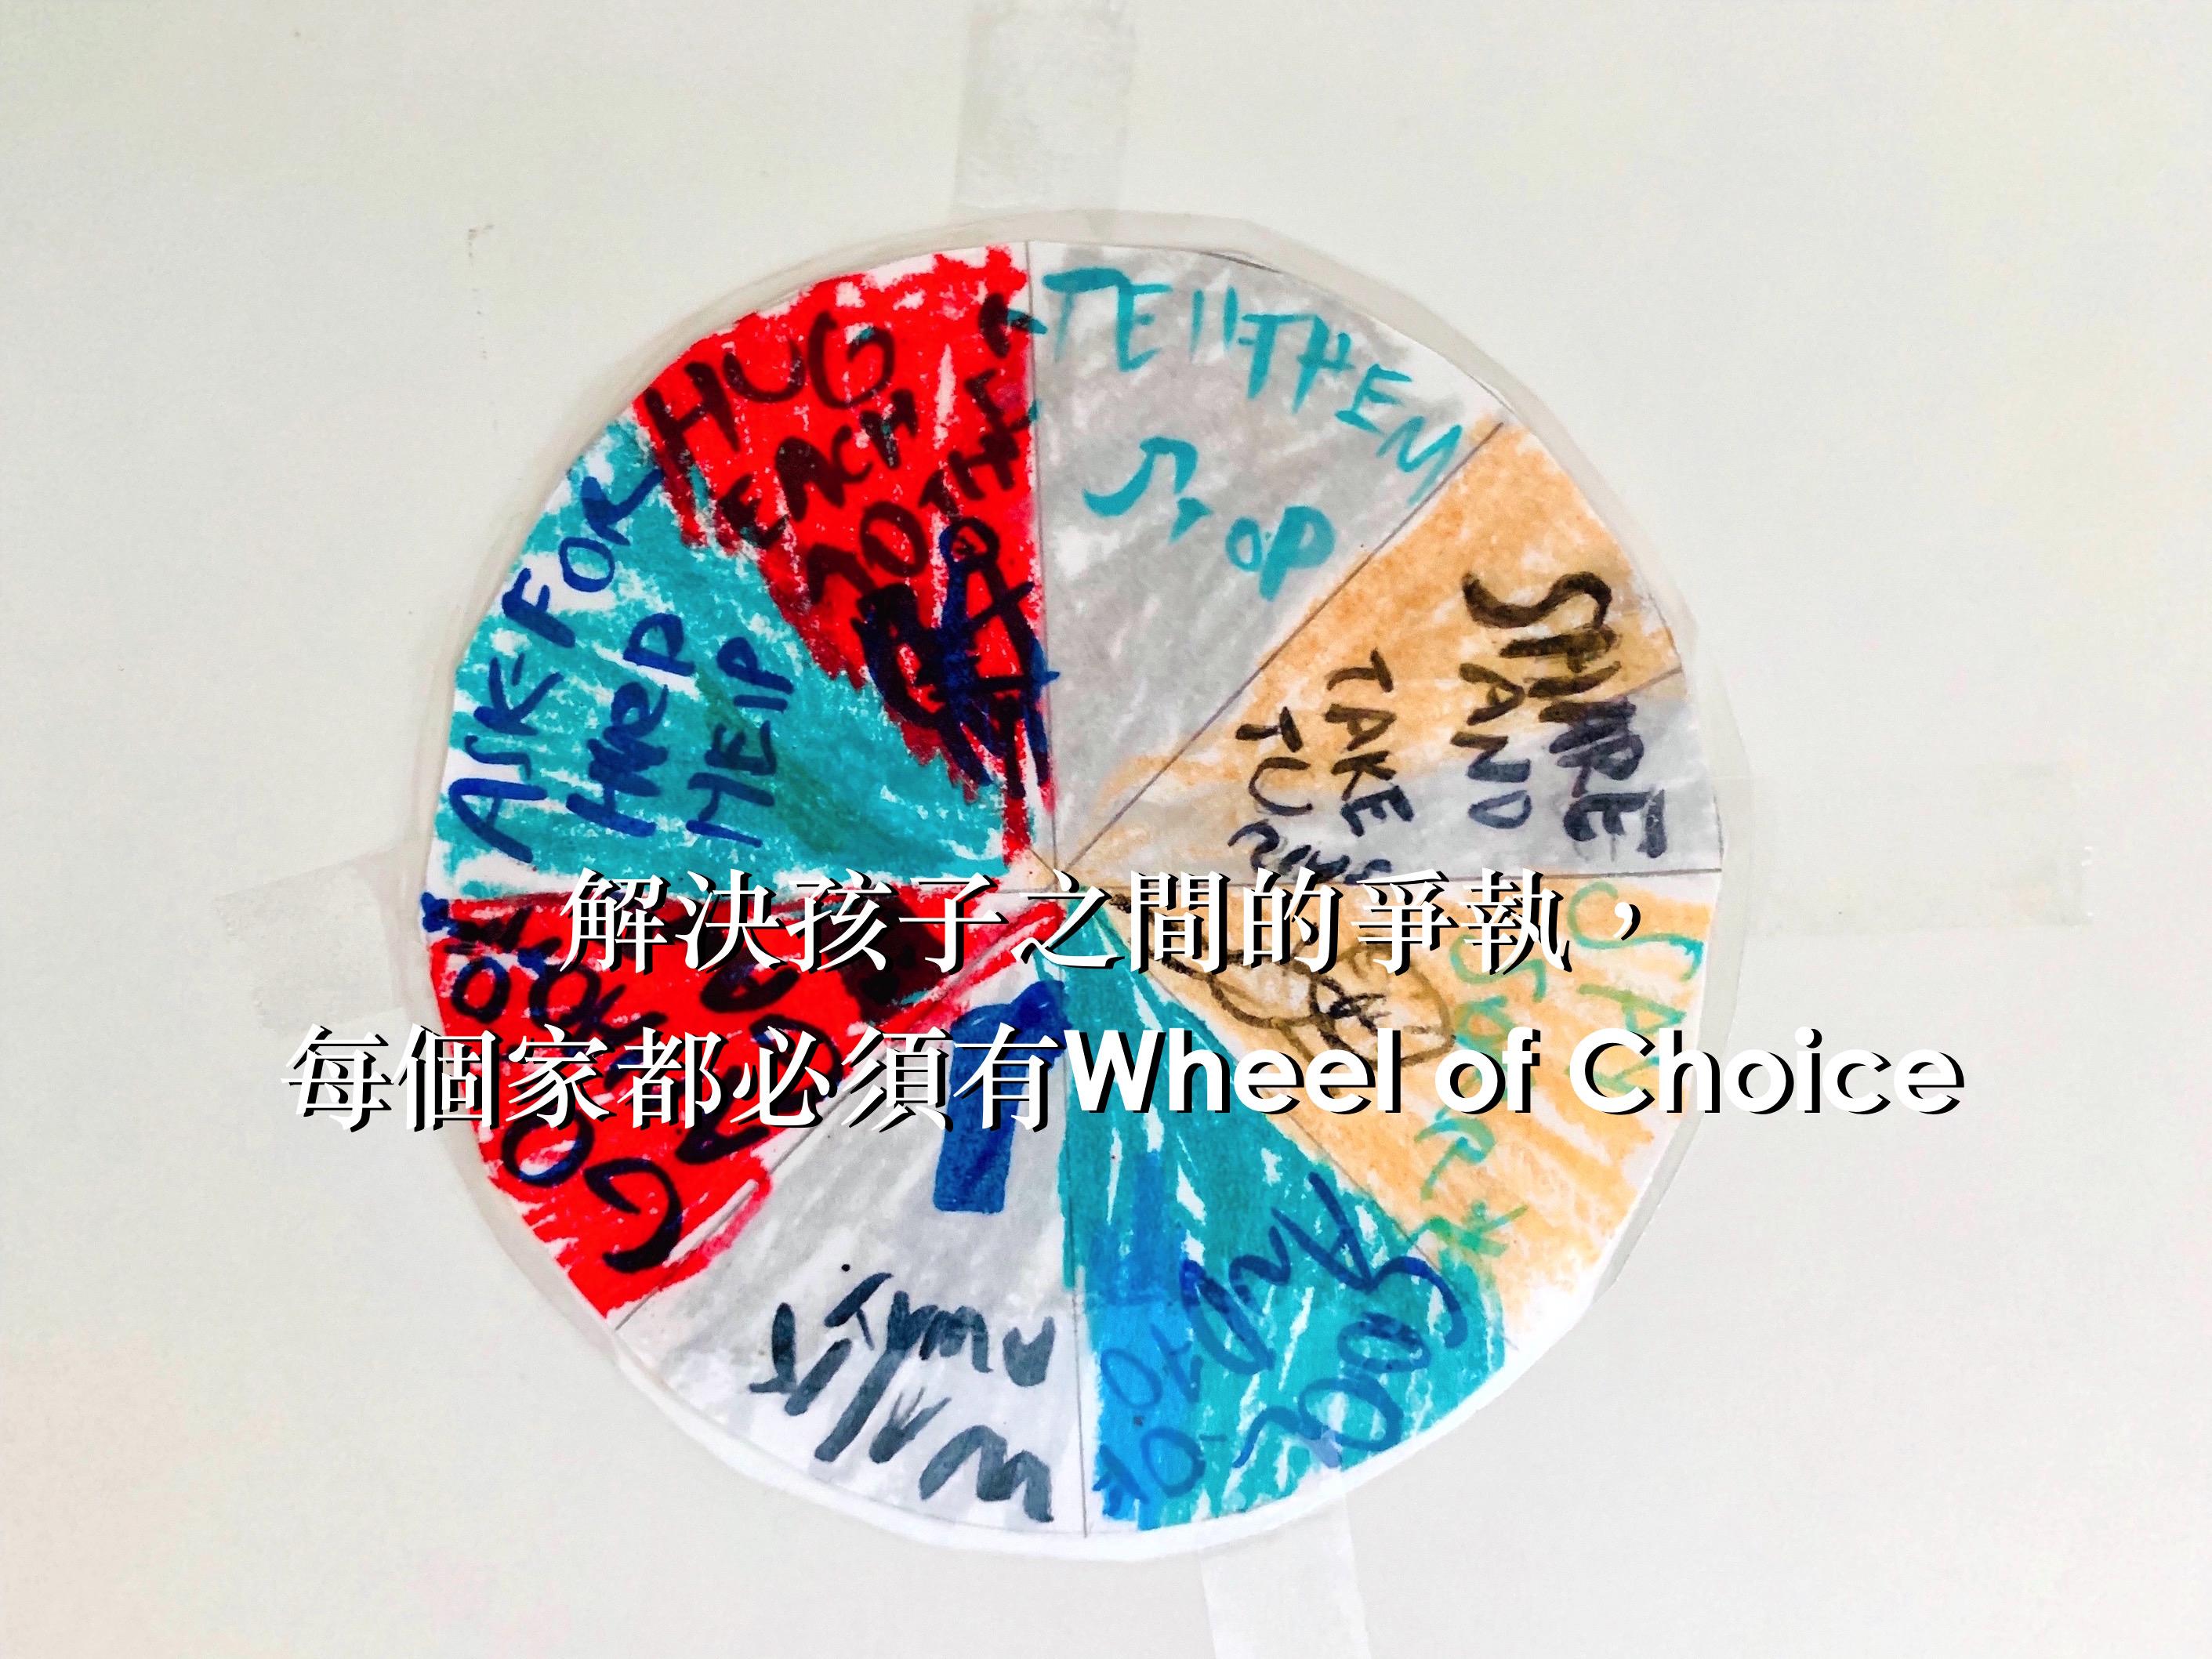 解決孩子之間的爭執 ,每個家都必須有Wheel of Choice